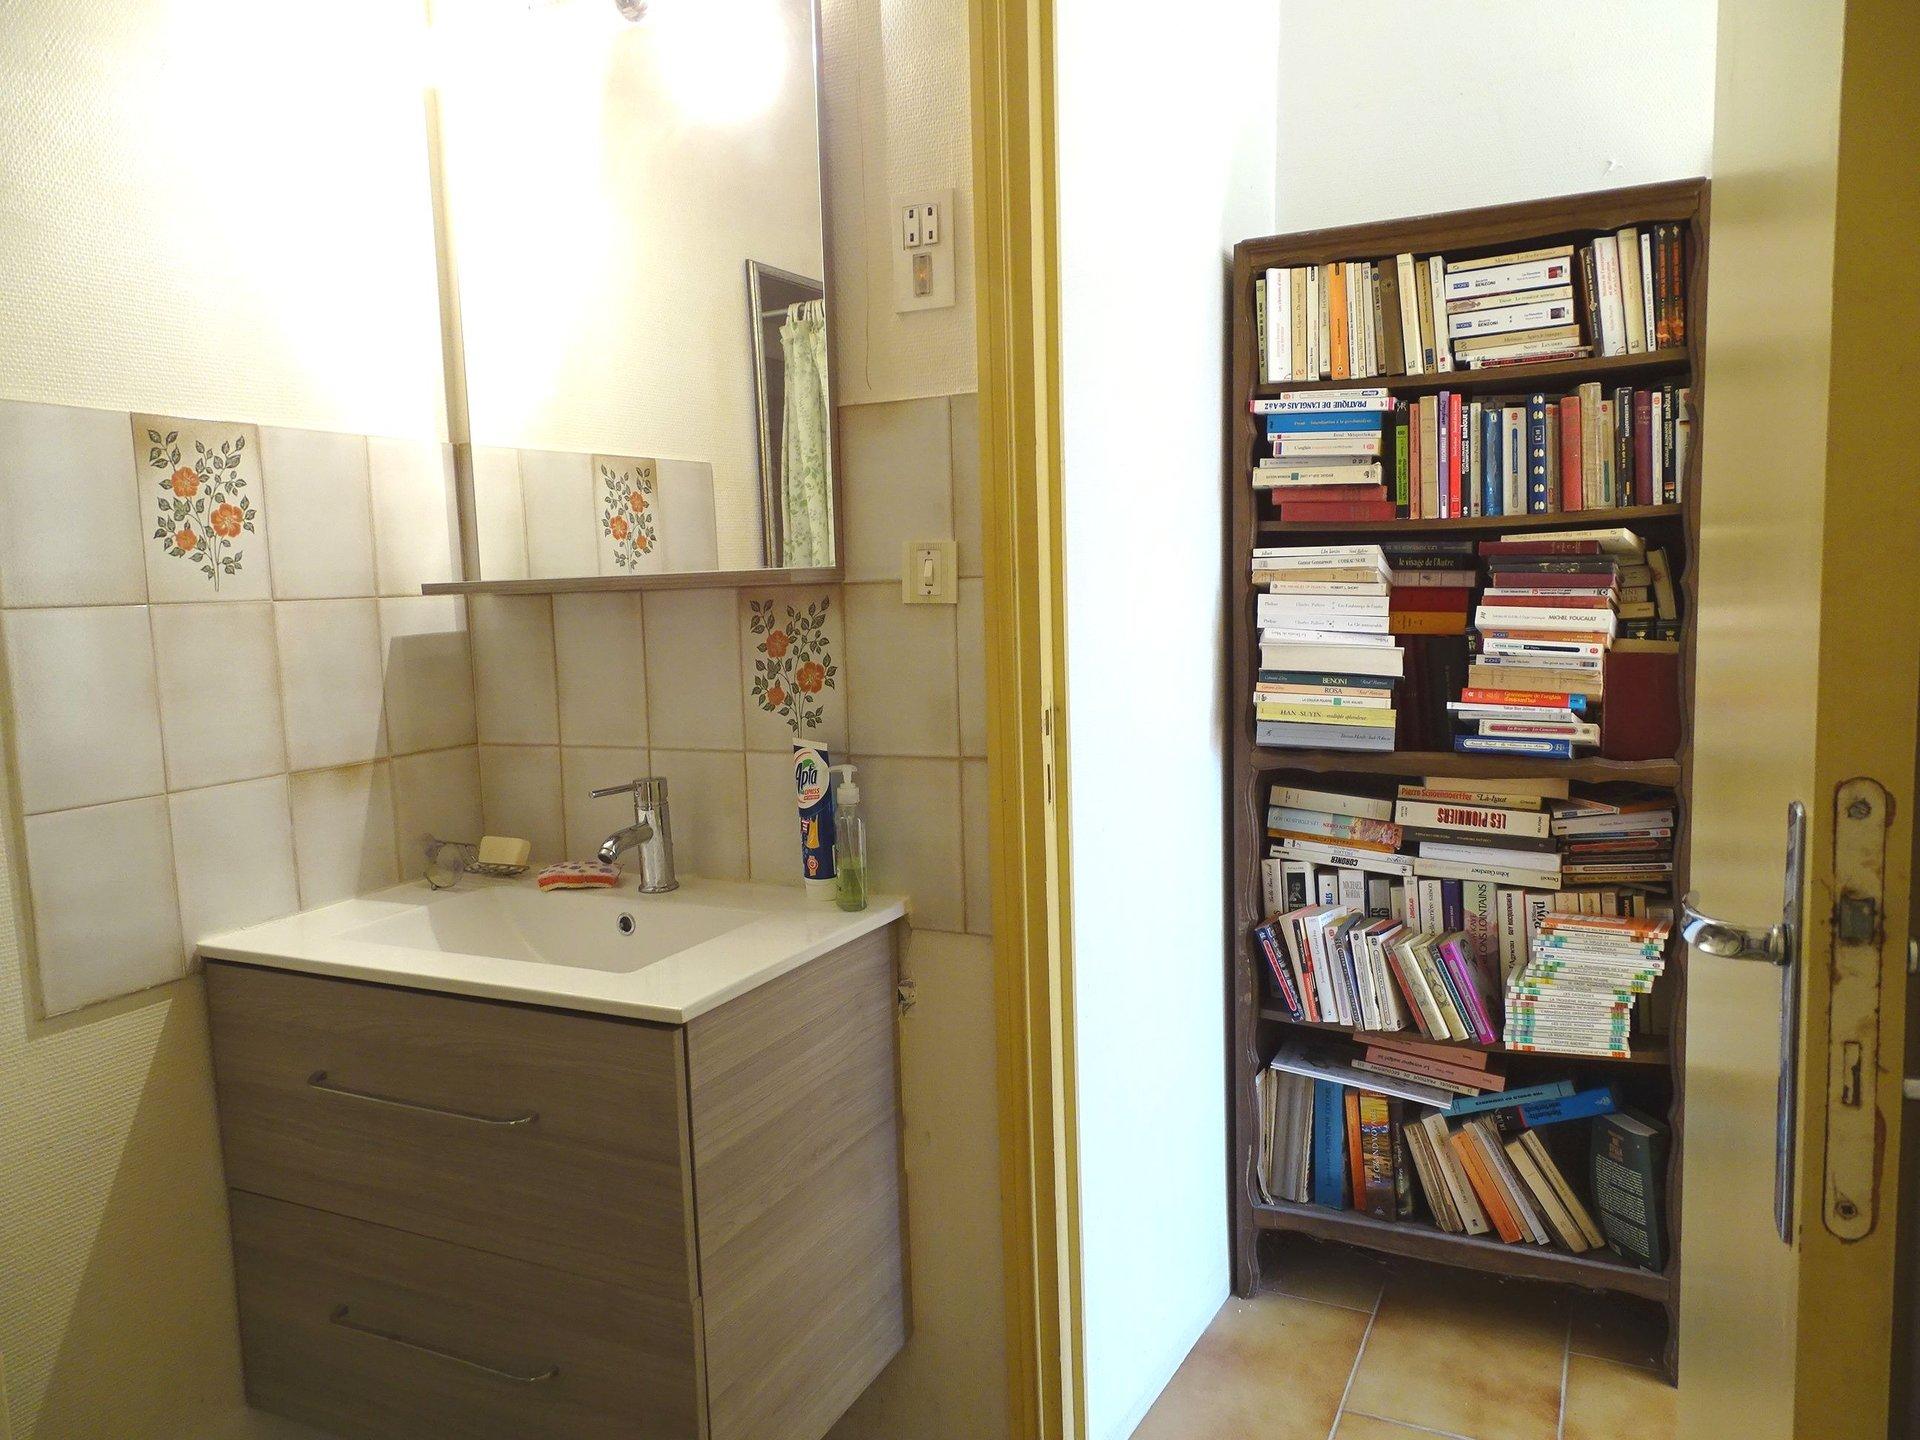 A deux pas du centre de Flacé, des commerces et des commodités, découvrez cette lumineuse et spacieuse maison offrant une surface de 160 m² environ. Elle dispose à l'étage d'une vaste pièce de vie avec sa cheminée, d'une récente cuisine équipée ouverte sur la véranda, de trois chambres, d'une salle de bains et d'un toilette. Un studio se trouvant au rez-de-chaussée de l'habitation complète ce bien (une chambre, cuisine, et salle d'eau avec toilette), ainsi que des dépendances (grand garage de 36 m², cave et un bureau). Maison avec beaucoup de potentiel et de belles prestations: VMC double flux 2019, volets roulants électriques, climatisation réversible, double vitrage PVC et aluminium récent, radiateurs de 2017, isolation des greniers... Le tout est implanté sur un terrain clos et arboré de 600 m². Honoraires à la charge du vendeur.